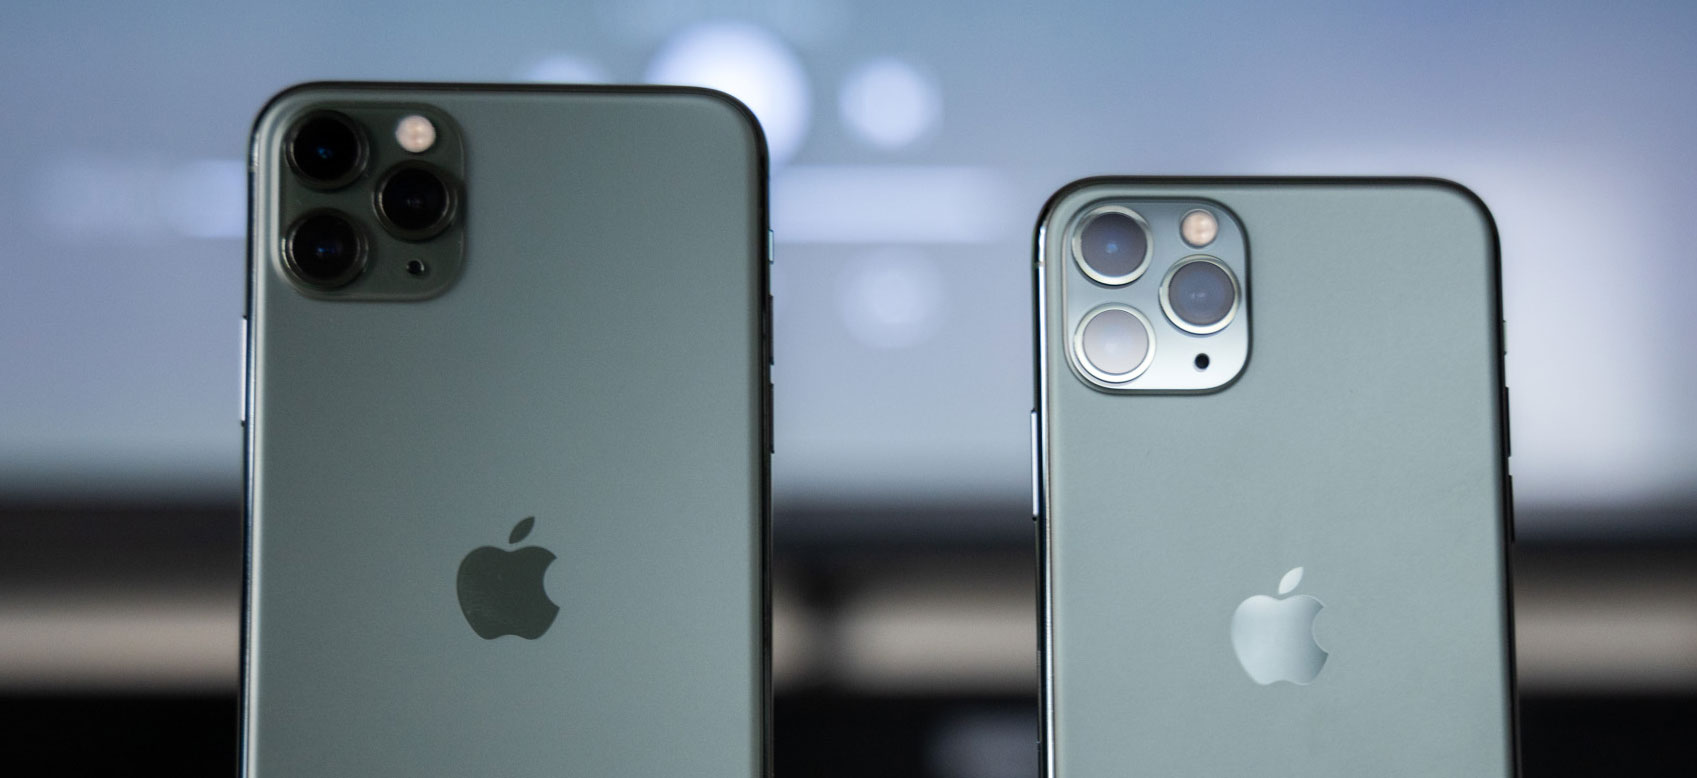 iPhone 11 Pro Max przetestowany przez DxO. Xiaomi lepsze